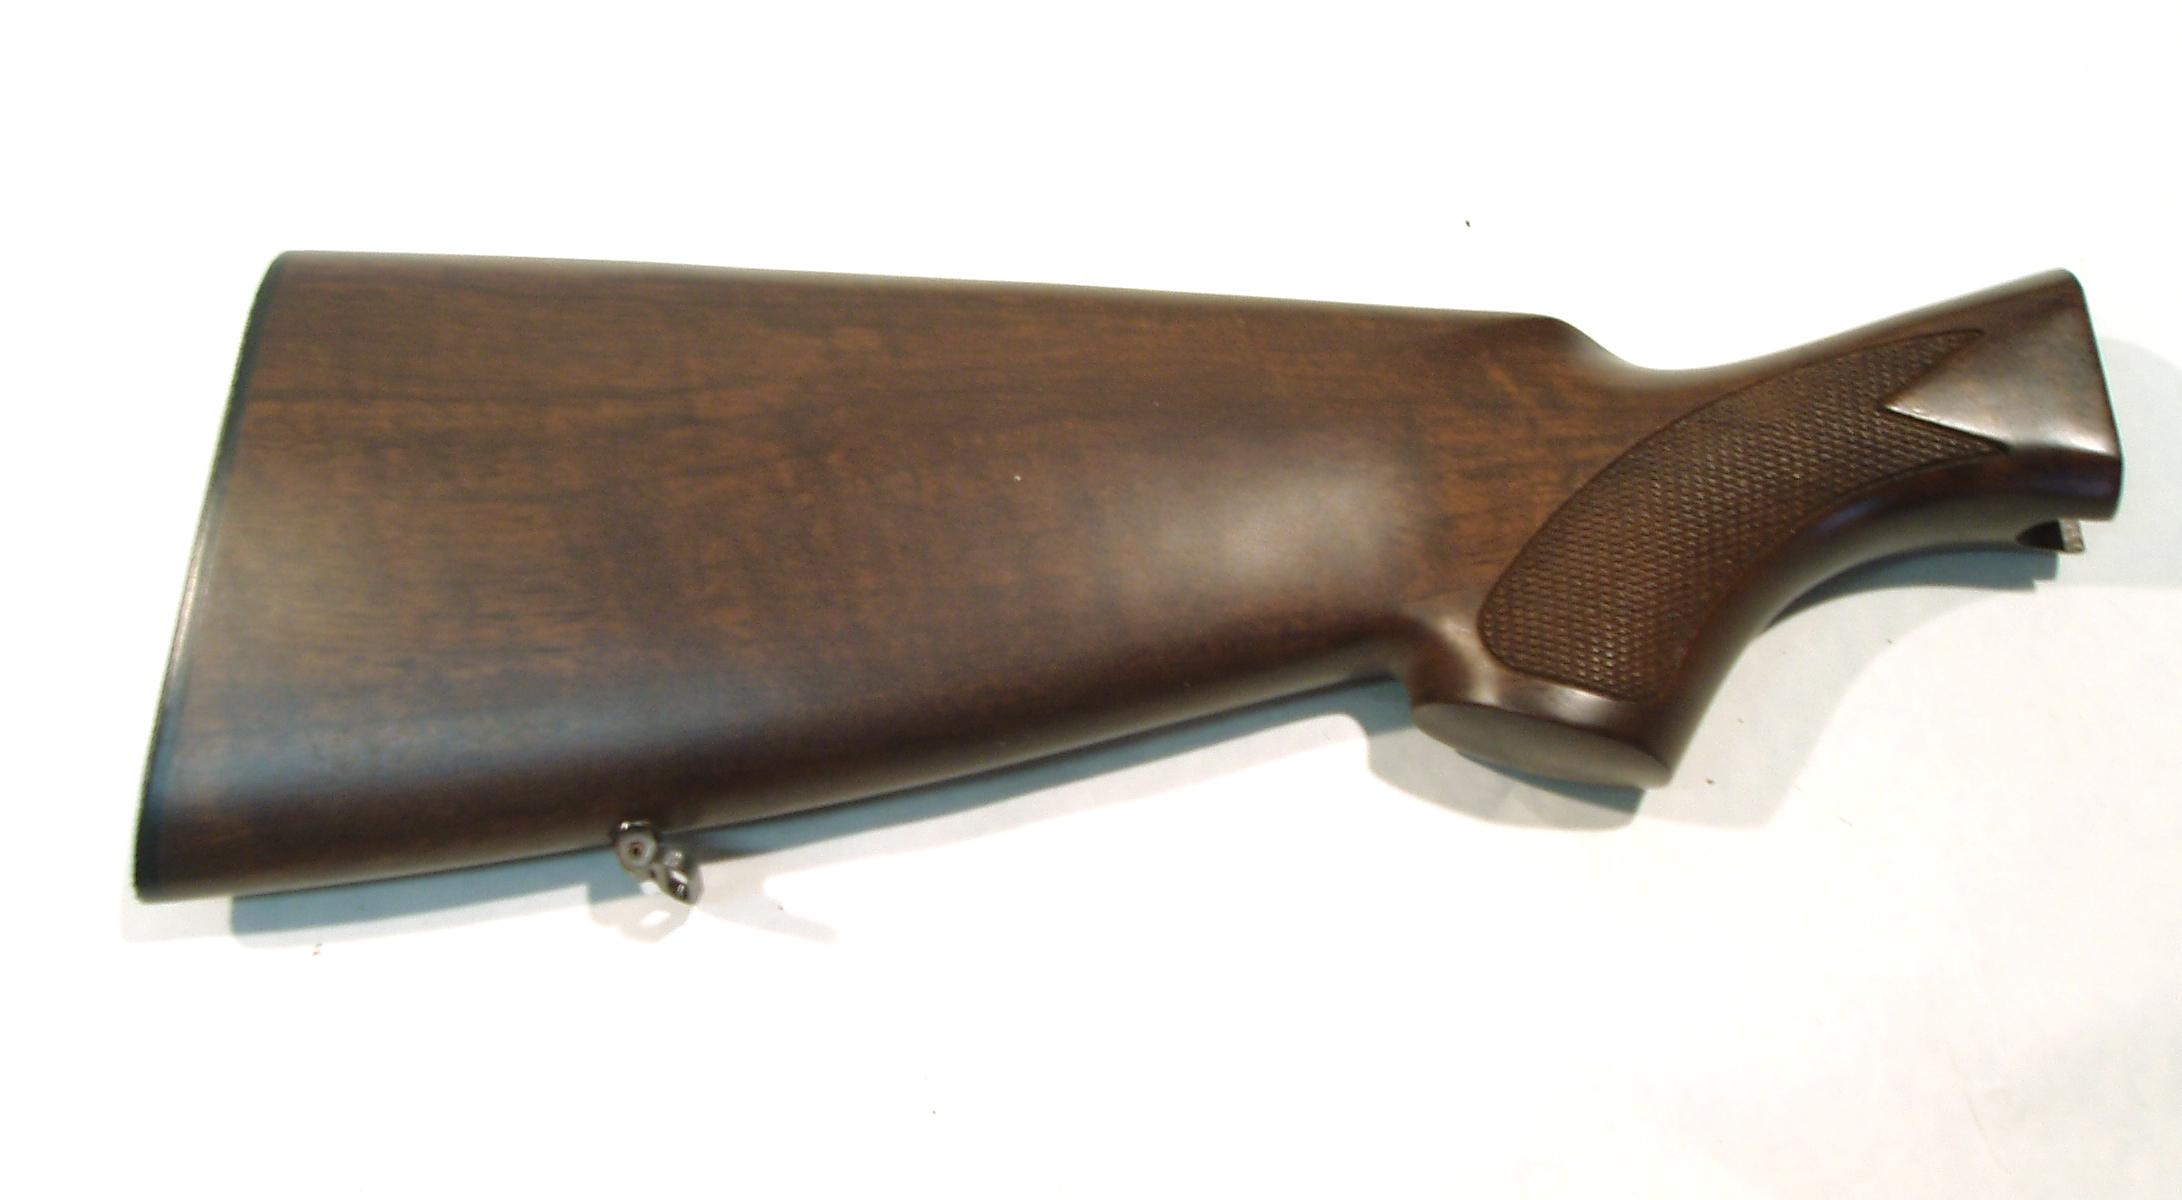 Culata escopeta FABARM, modelo ELLEGI-0